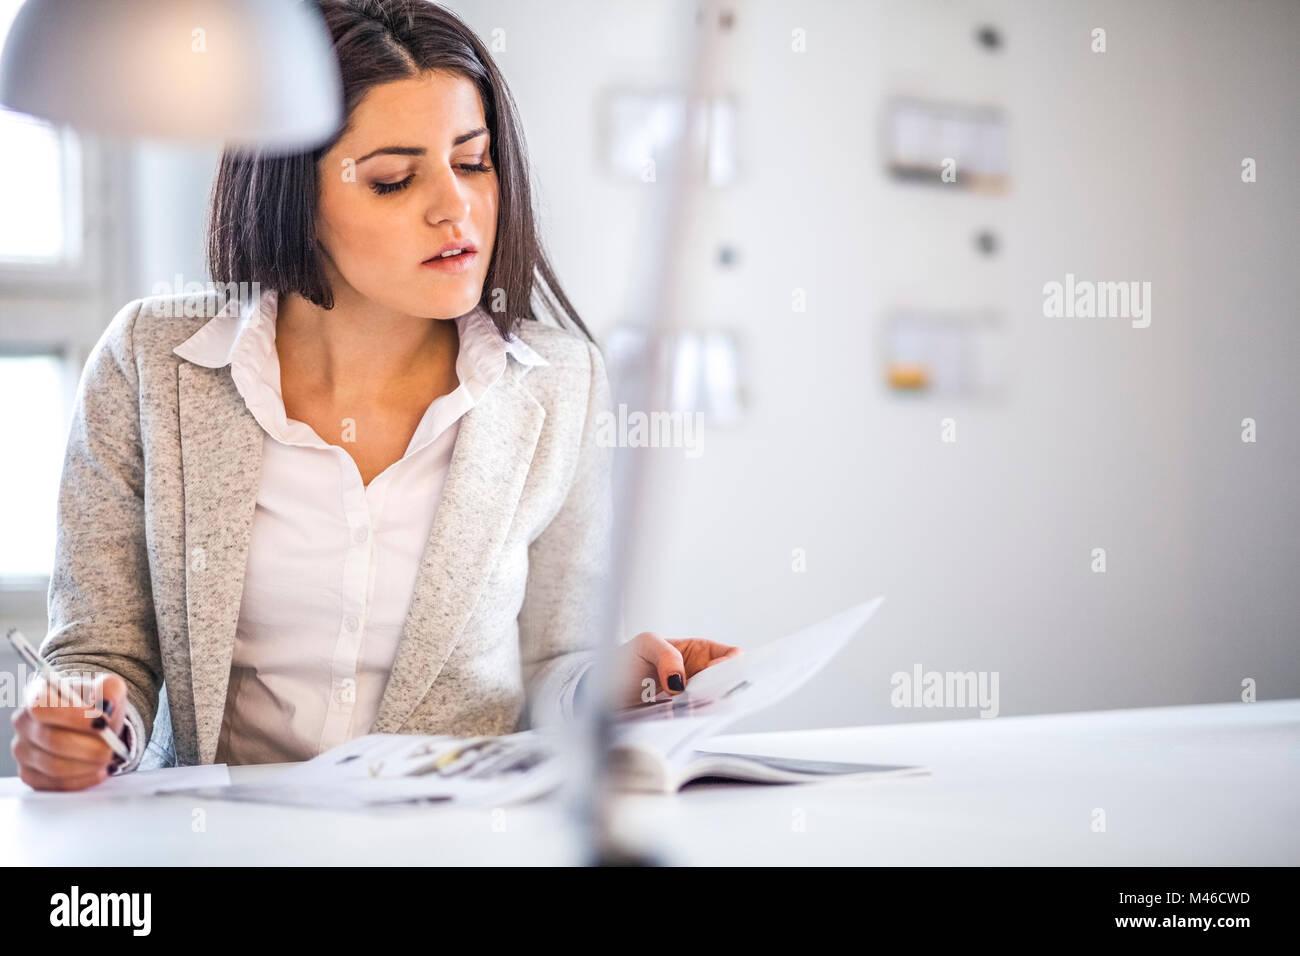 Geschäftsfrau lesen Broschüre während Notizen im Büro Stockfoto